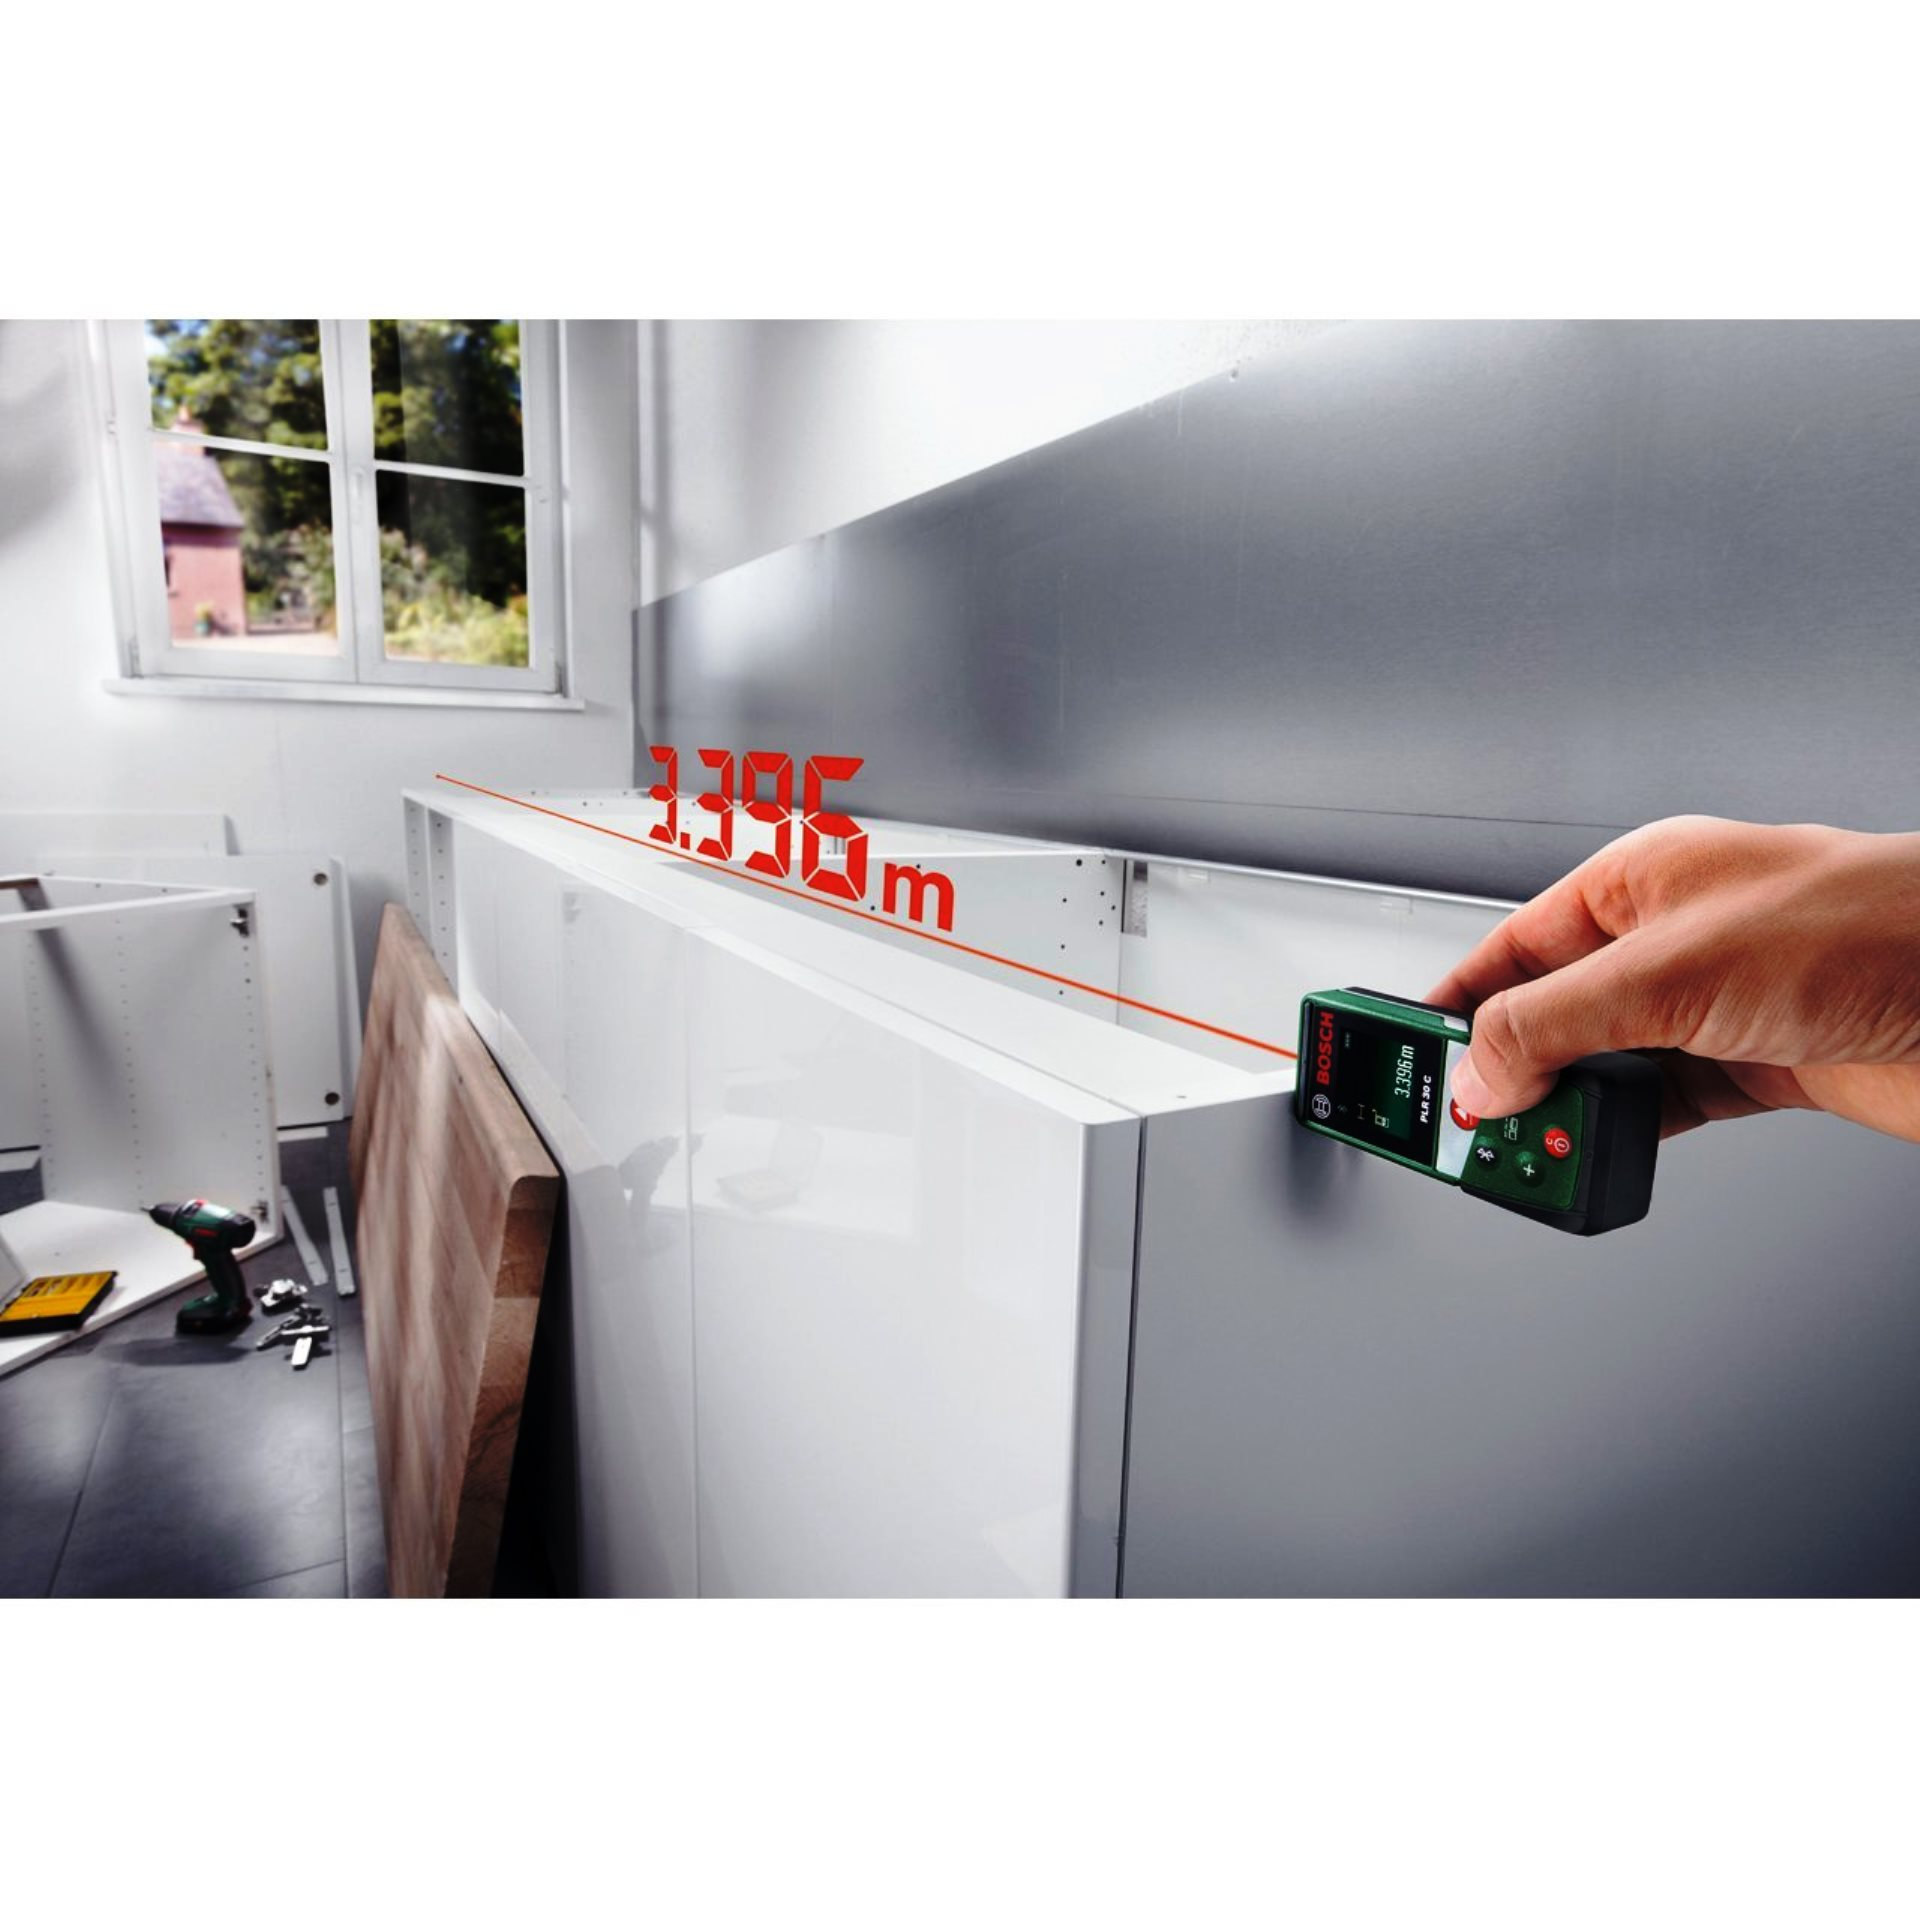 Bosch PLR 30 C, distanziometro e laser digitale per misurazioni - Scheda, recensione e opinioni